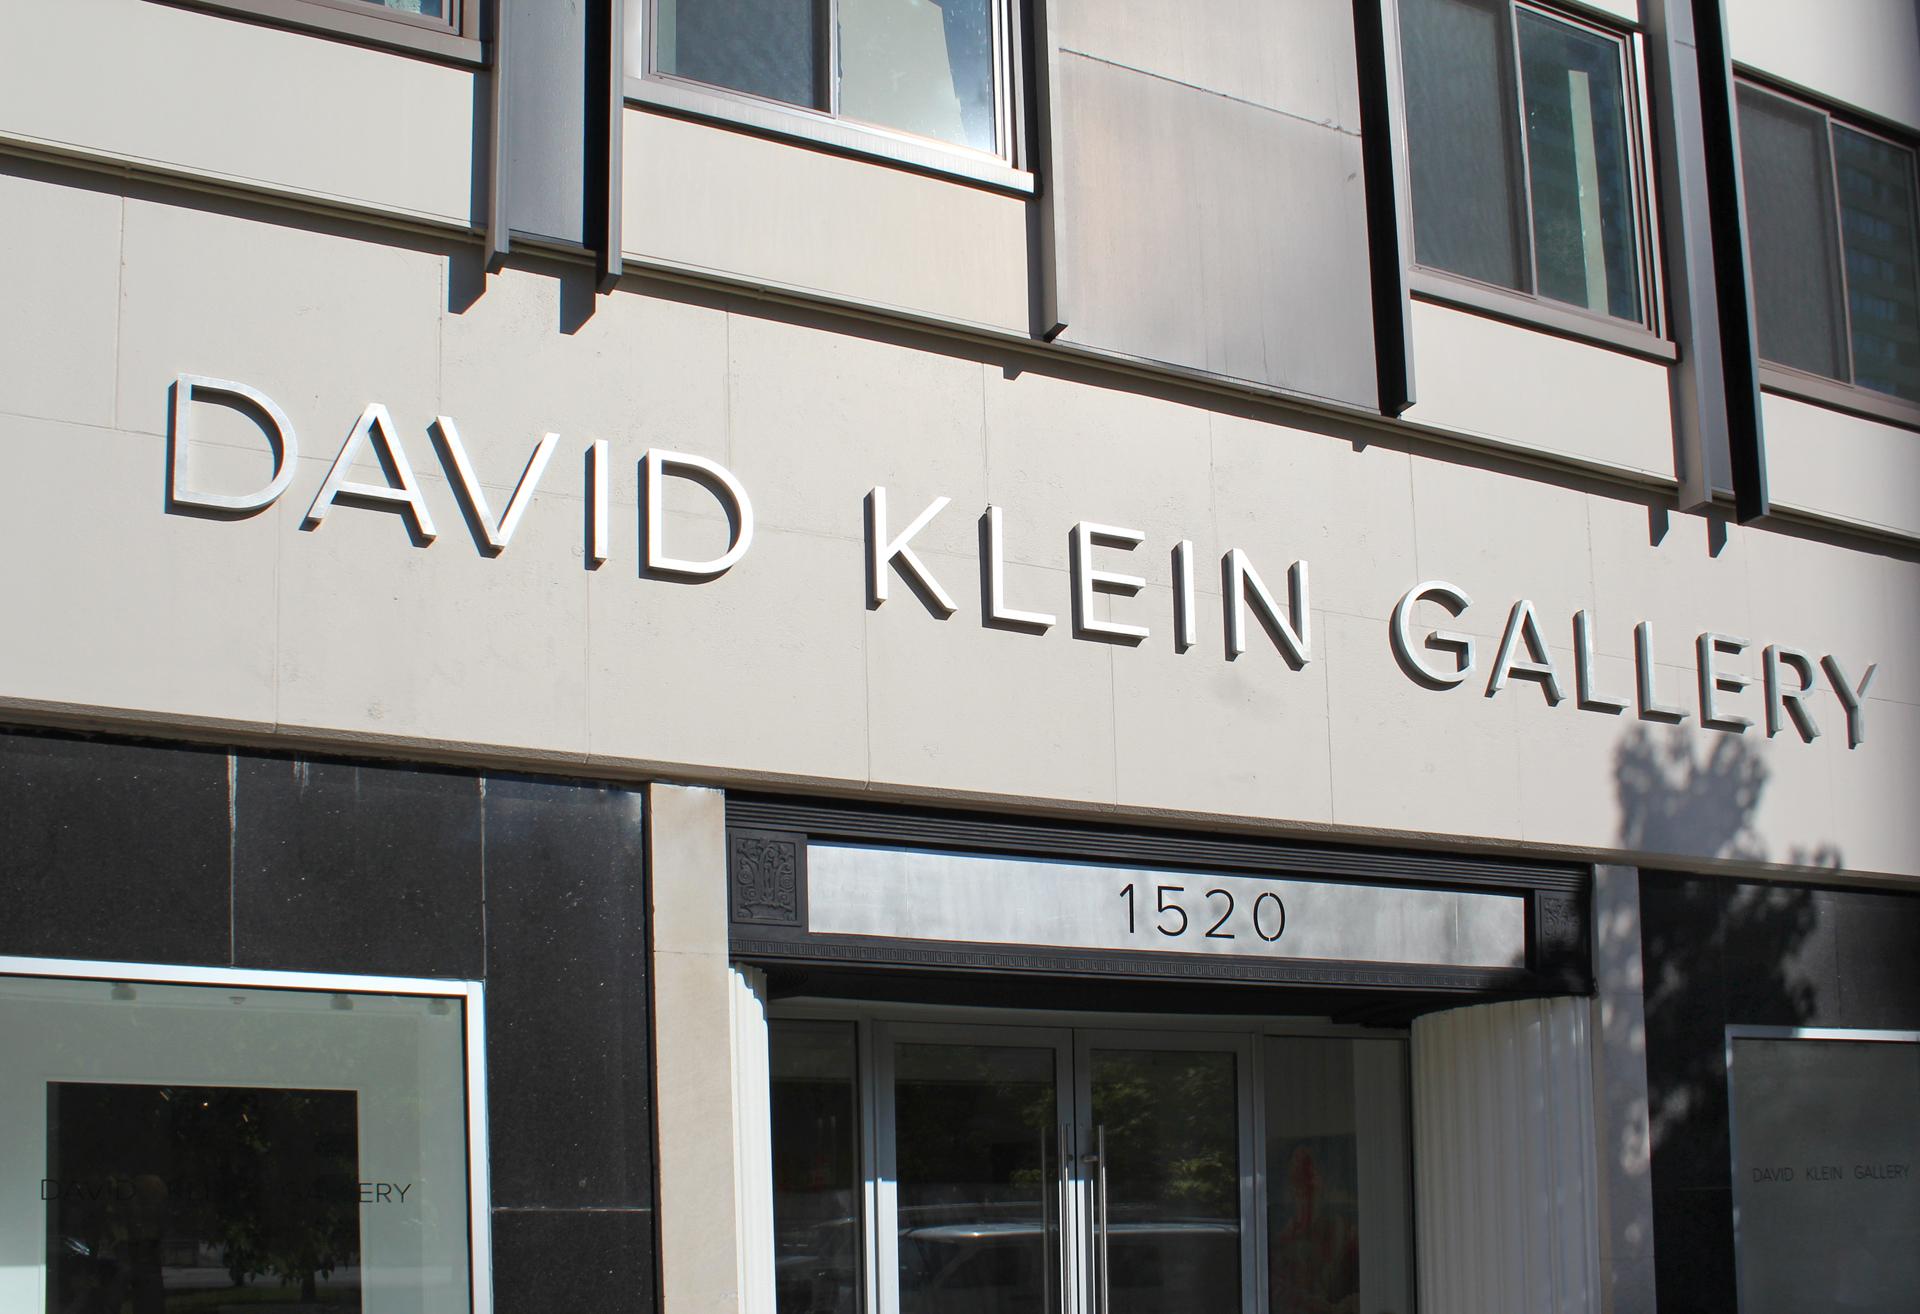 David Klein Gallery Detroit